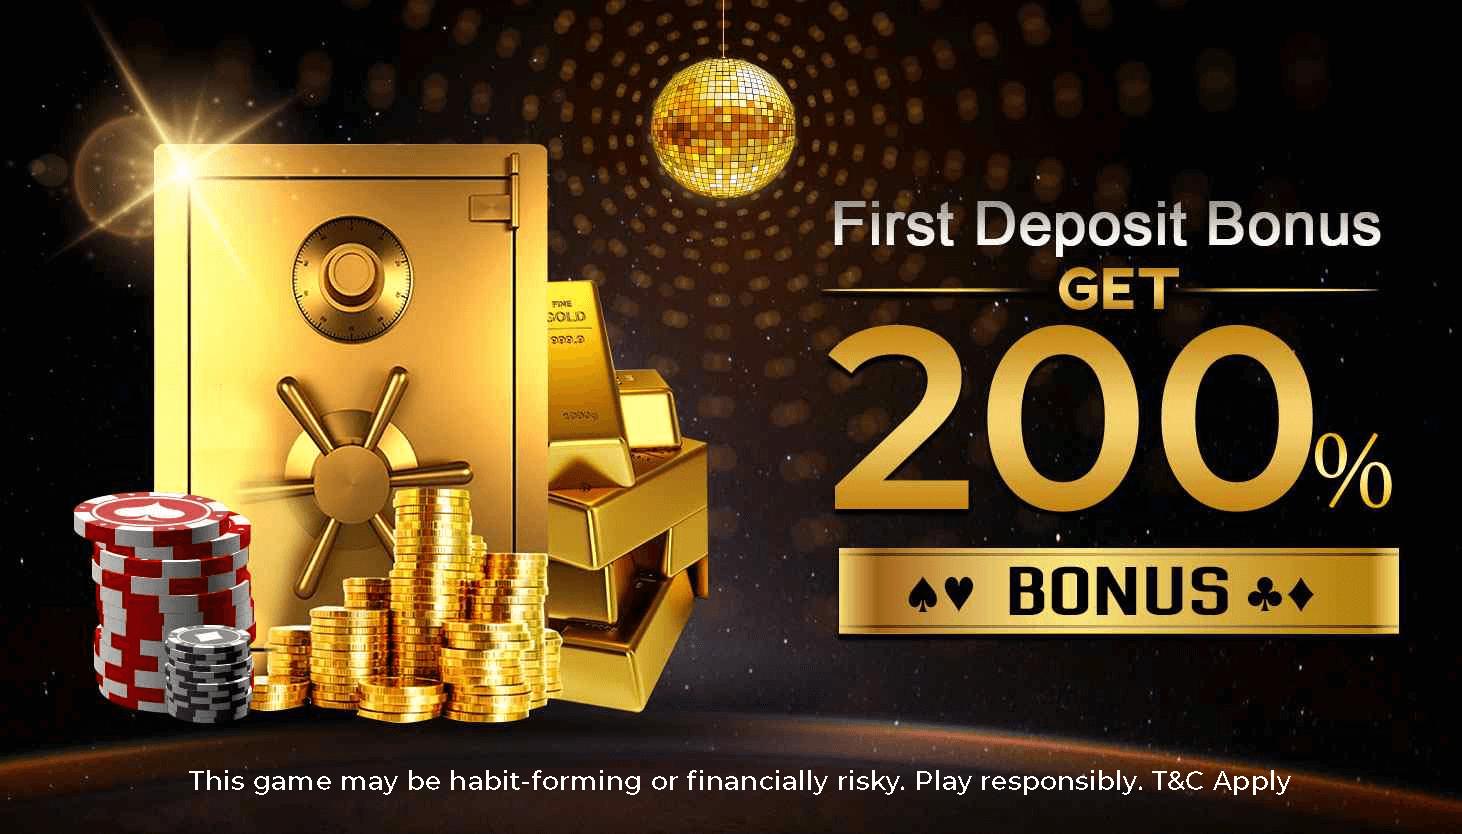 Poker First Deposit Bonus Signup Get Up To 190 Bonus Khelo365 Poker